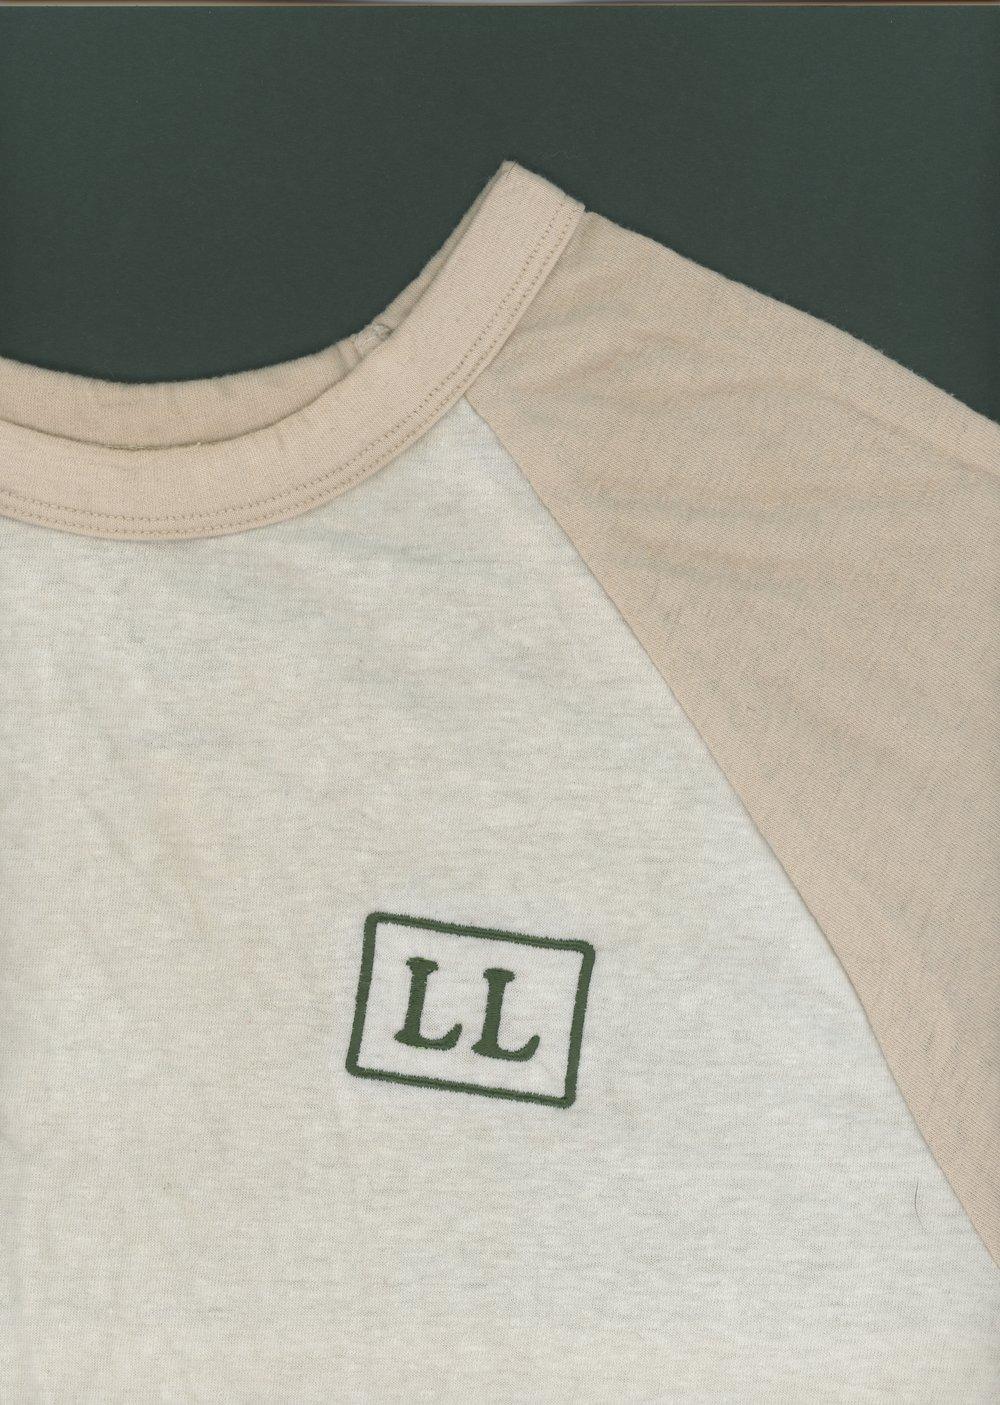 LLP 6.jpeg